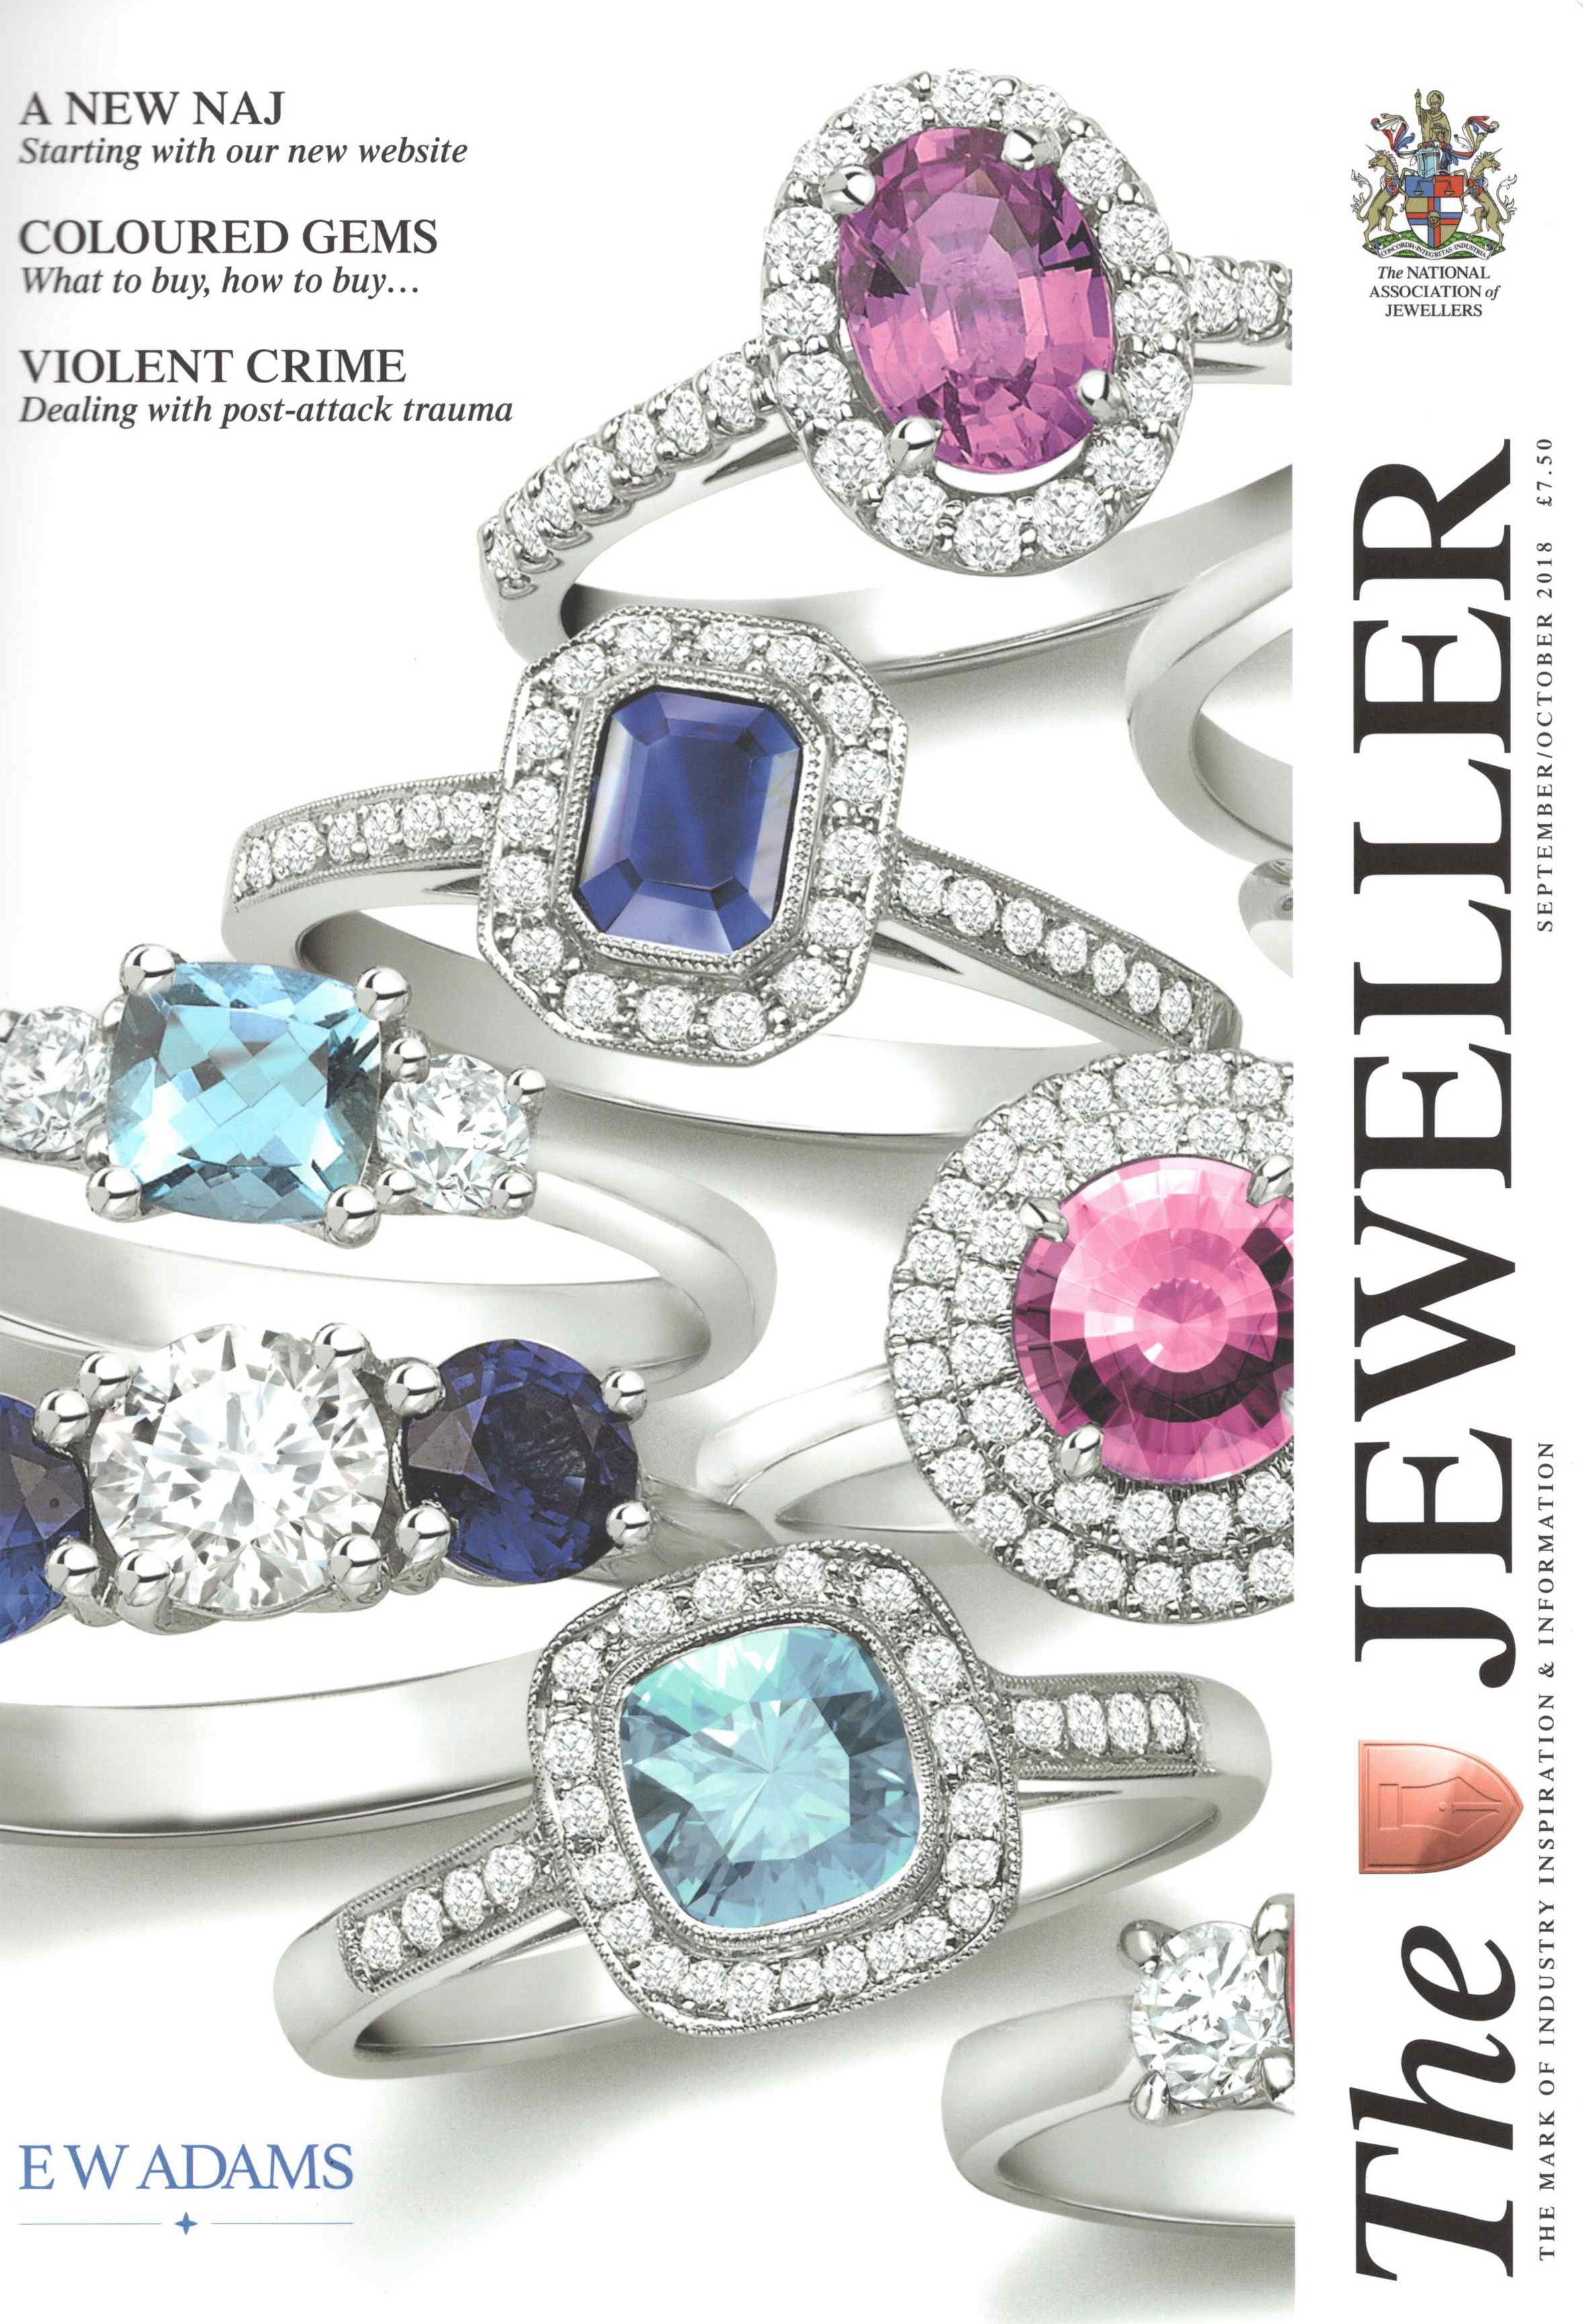 The Jeweller September/October 2018